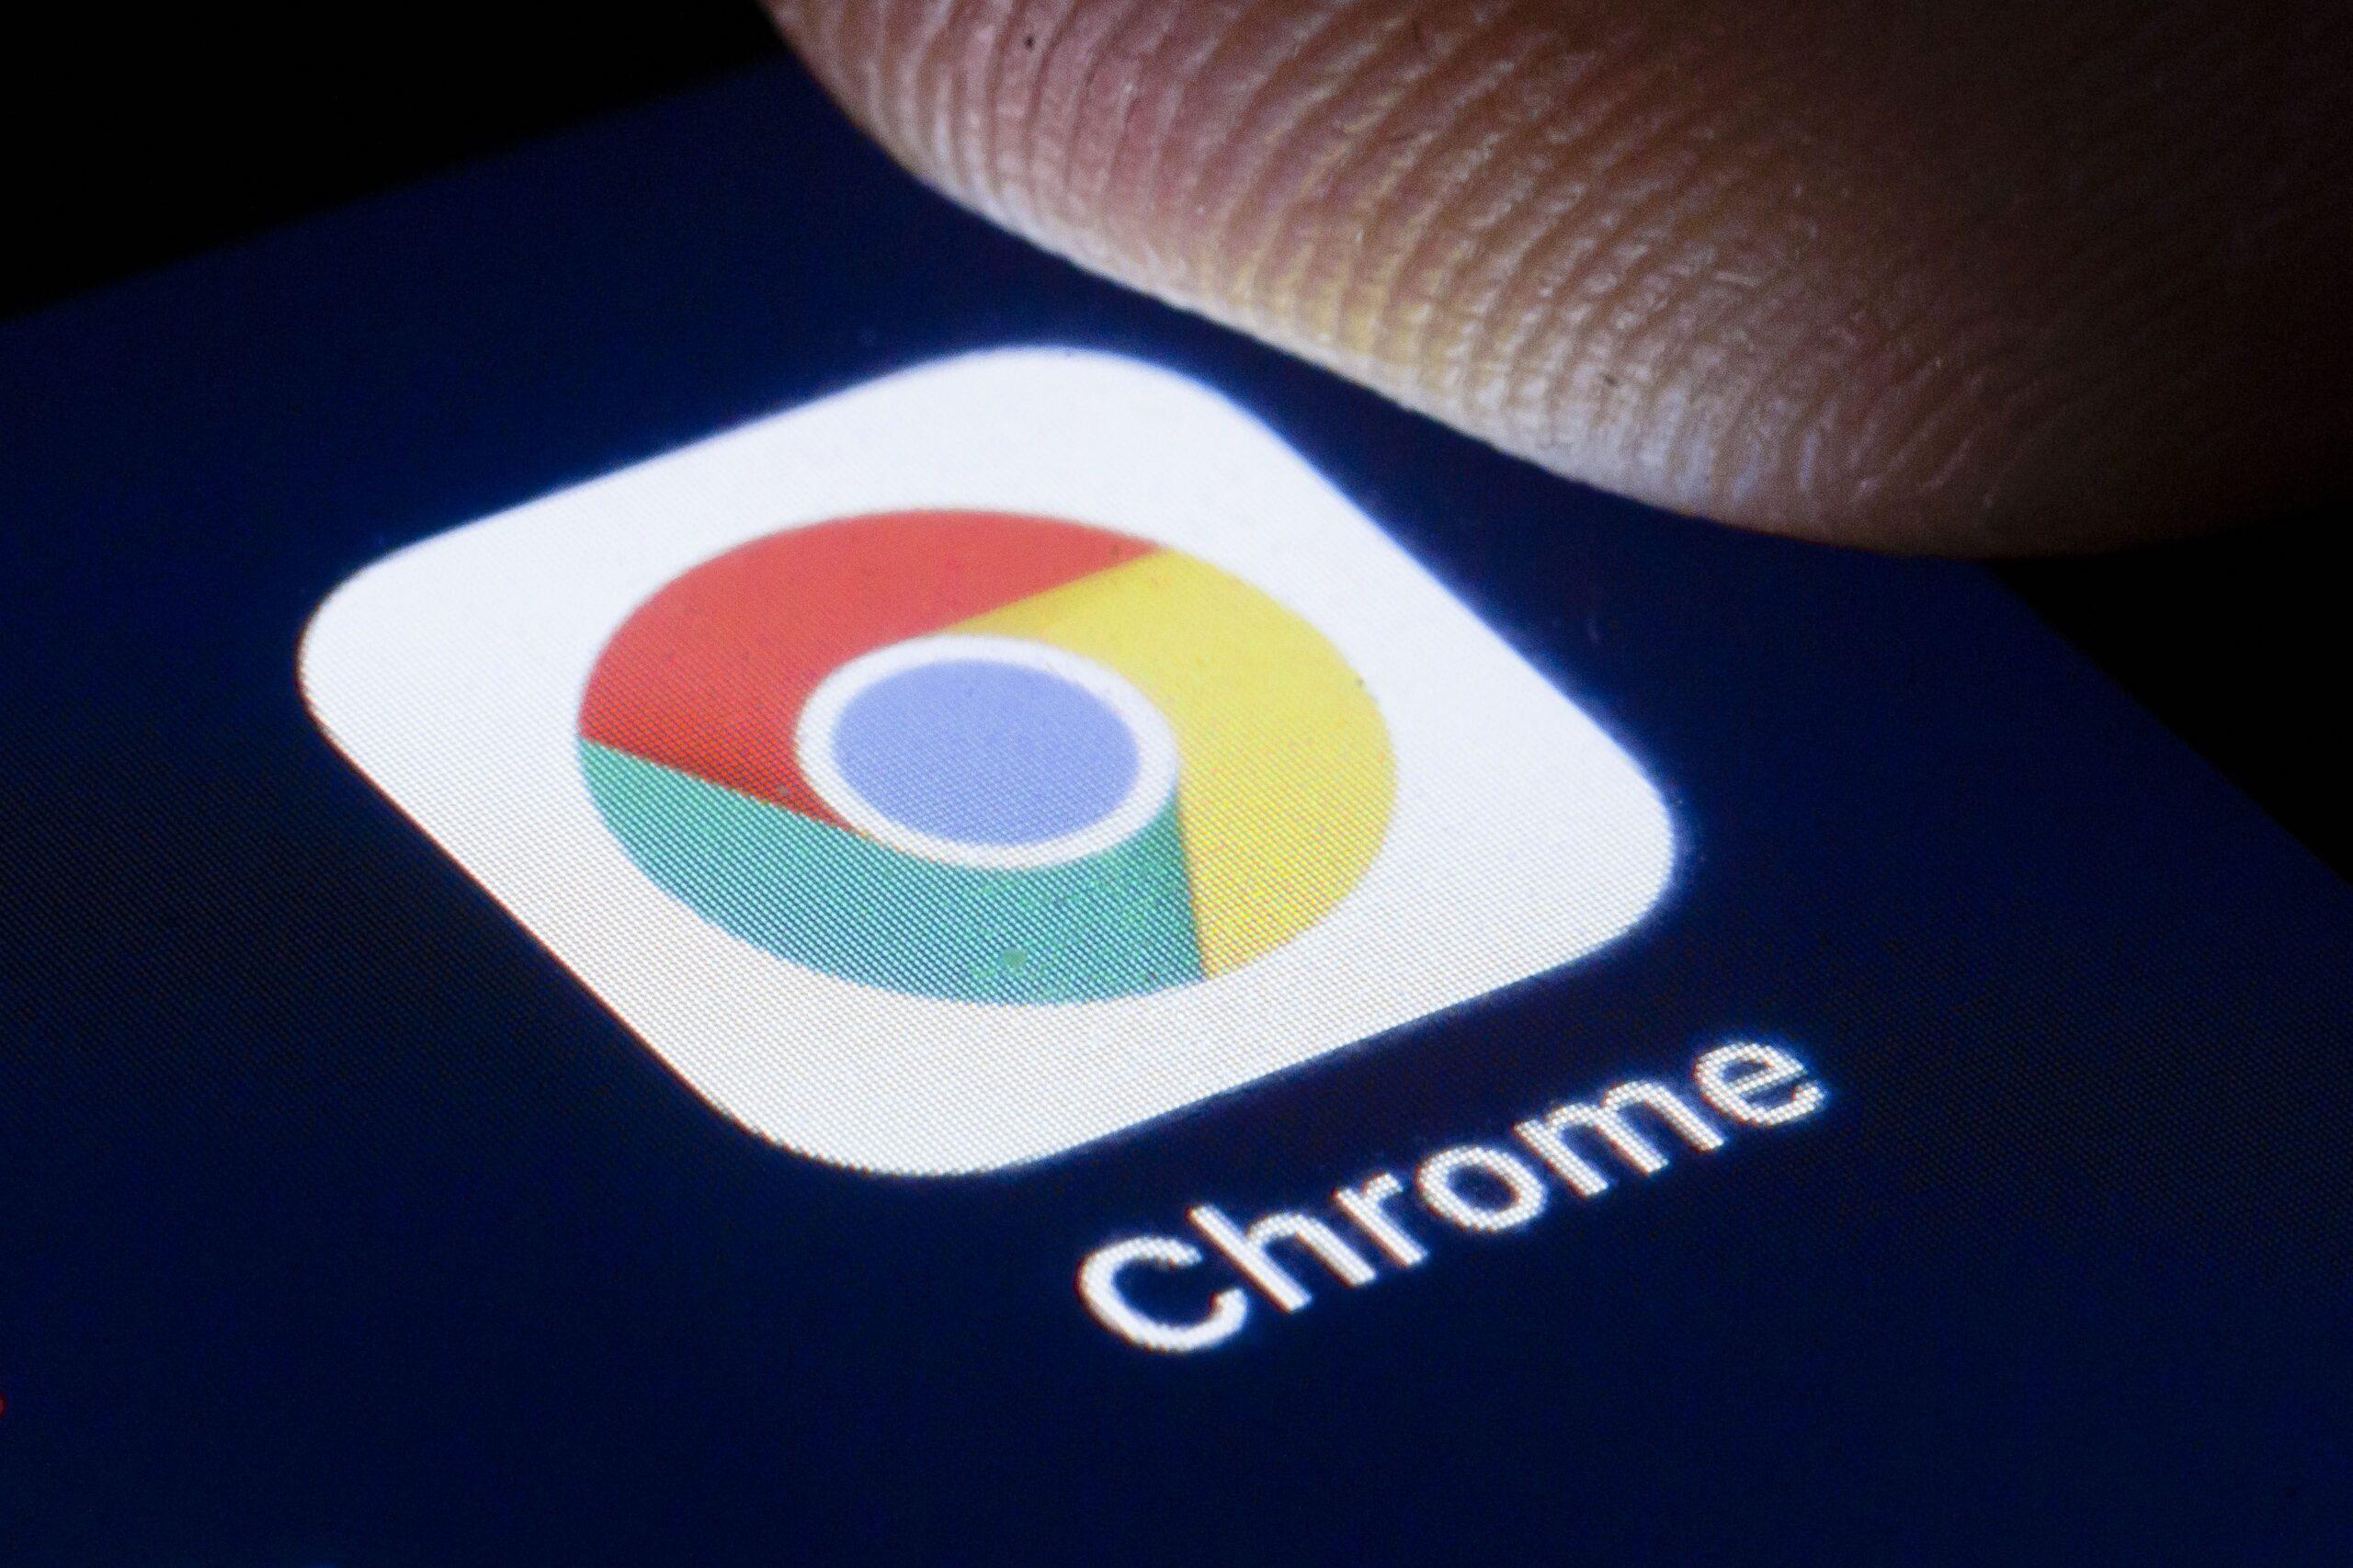 Google Chrome yeni güvenlik sistemi uygulayacak